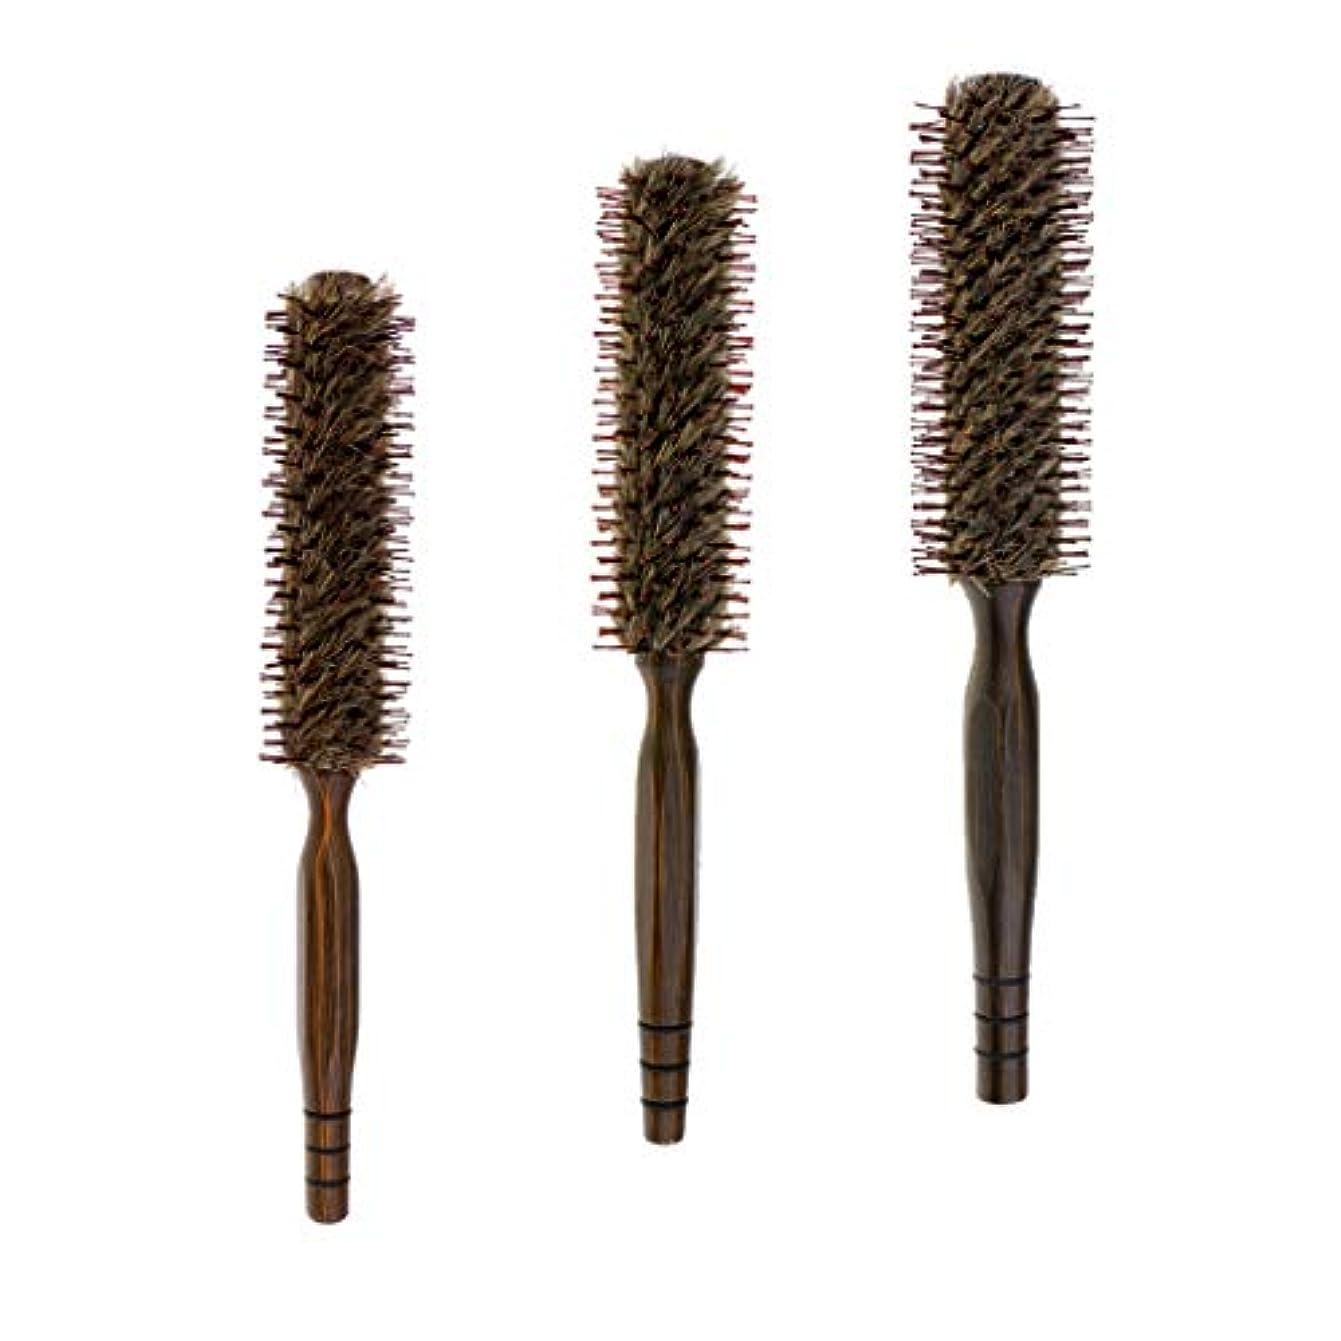 頭蓋骨シュート伝染性Toygogo 3パック小さい丸い木製理髪の毛の巻き毛の櫛のブラシ18/20 / 22mm